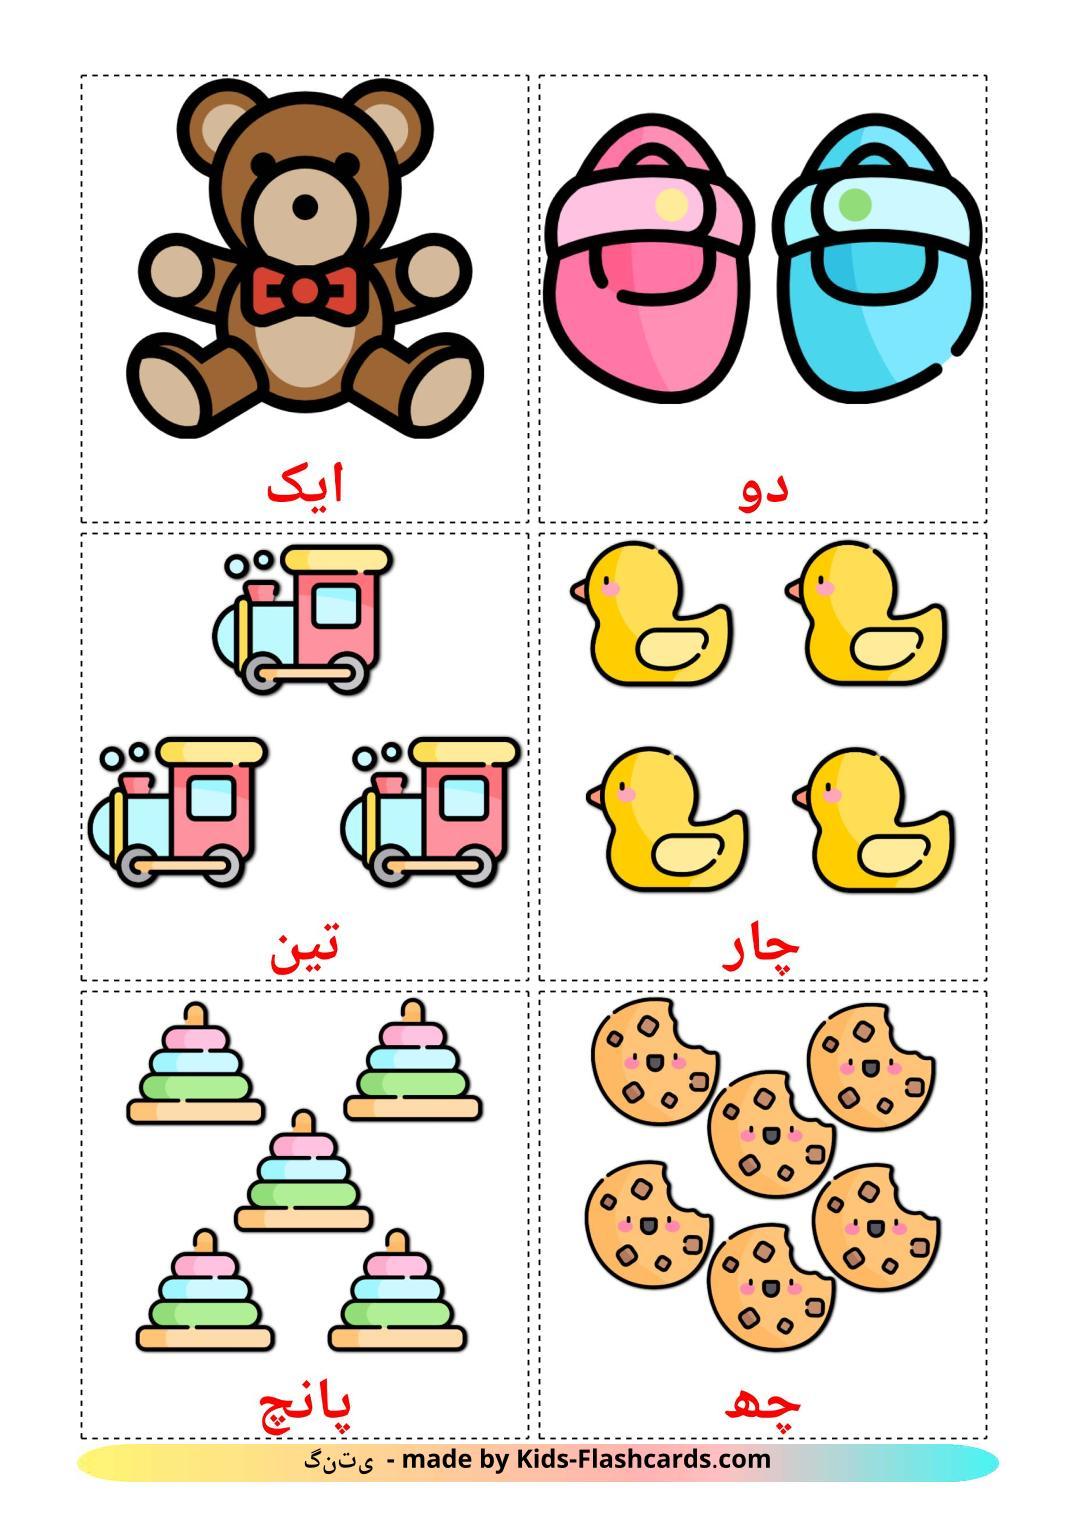 Counting - 10 Free Printable urdu Flashcards